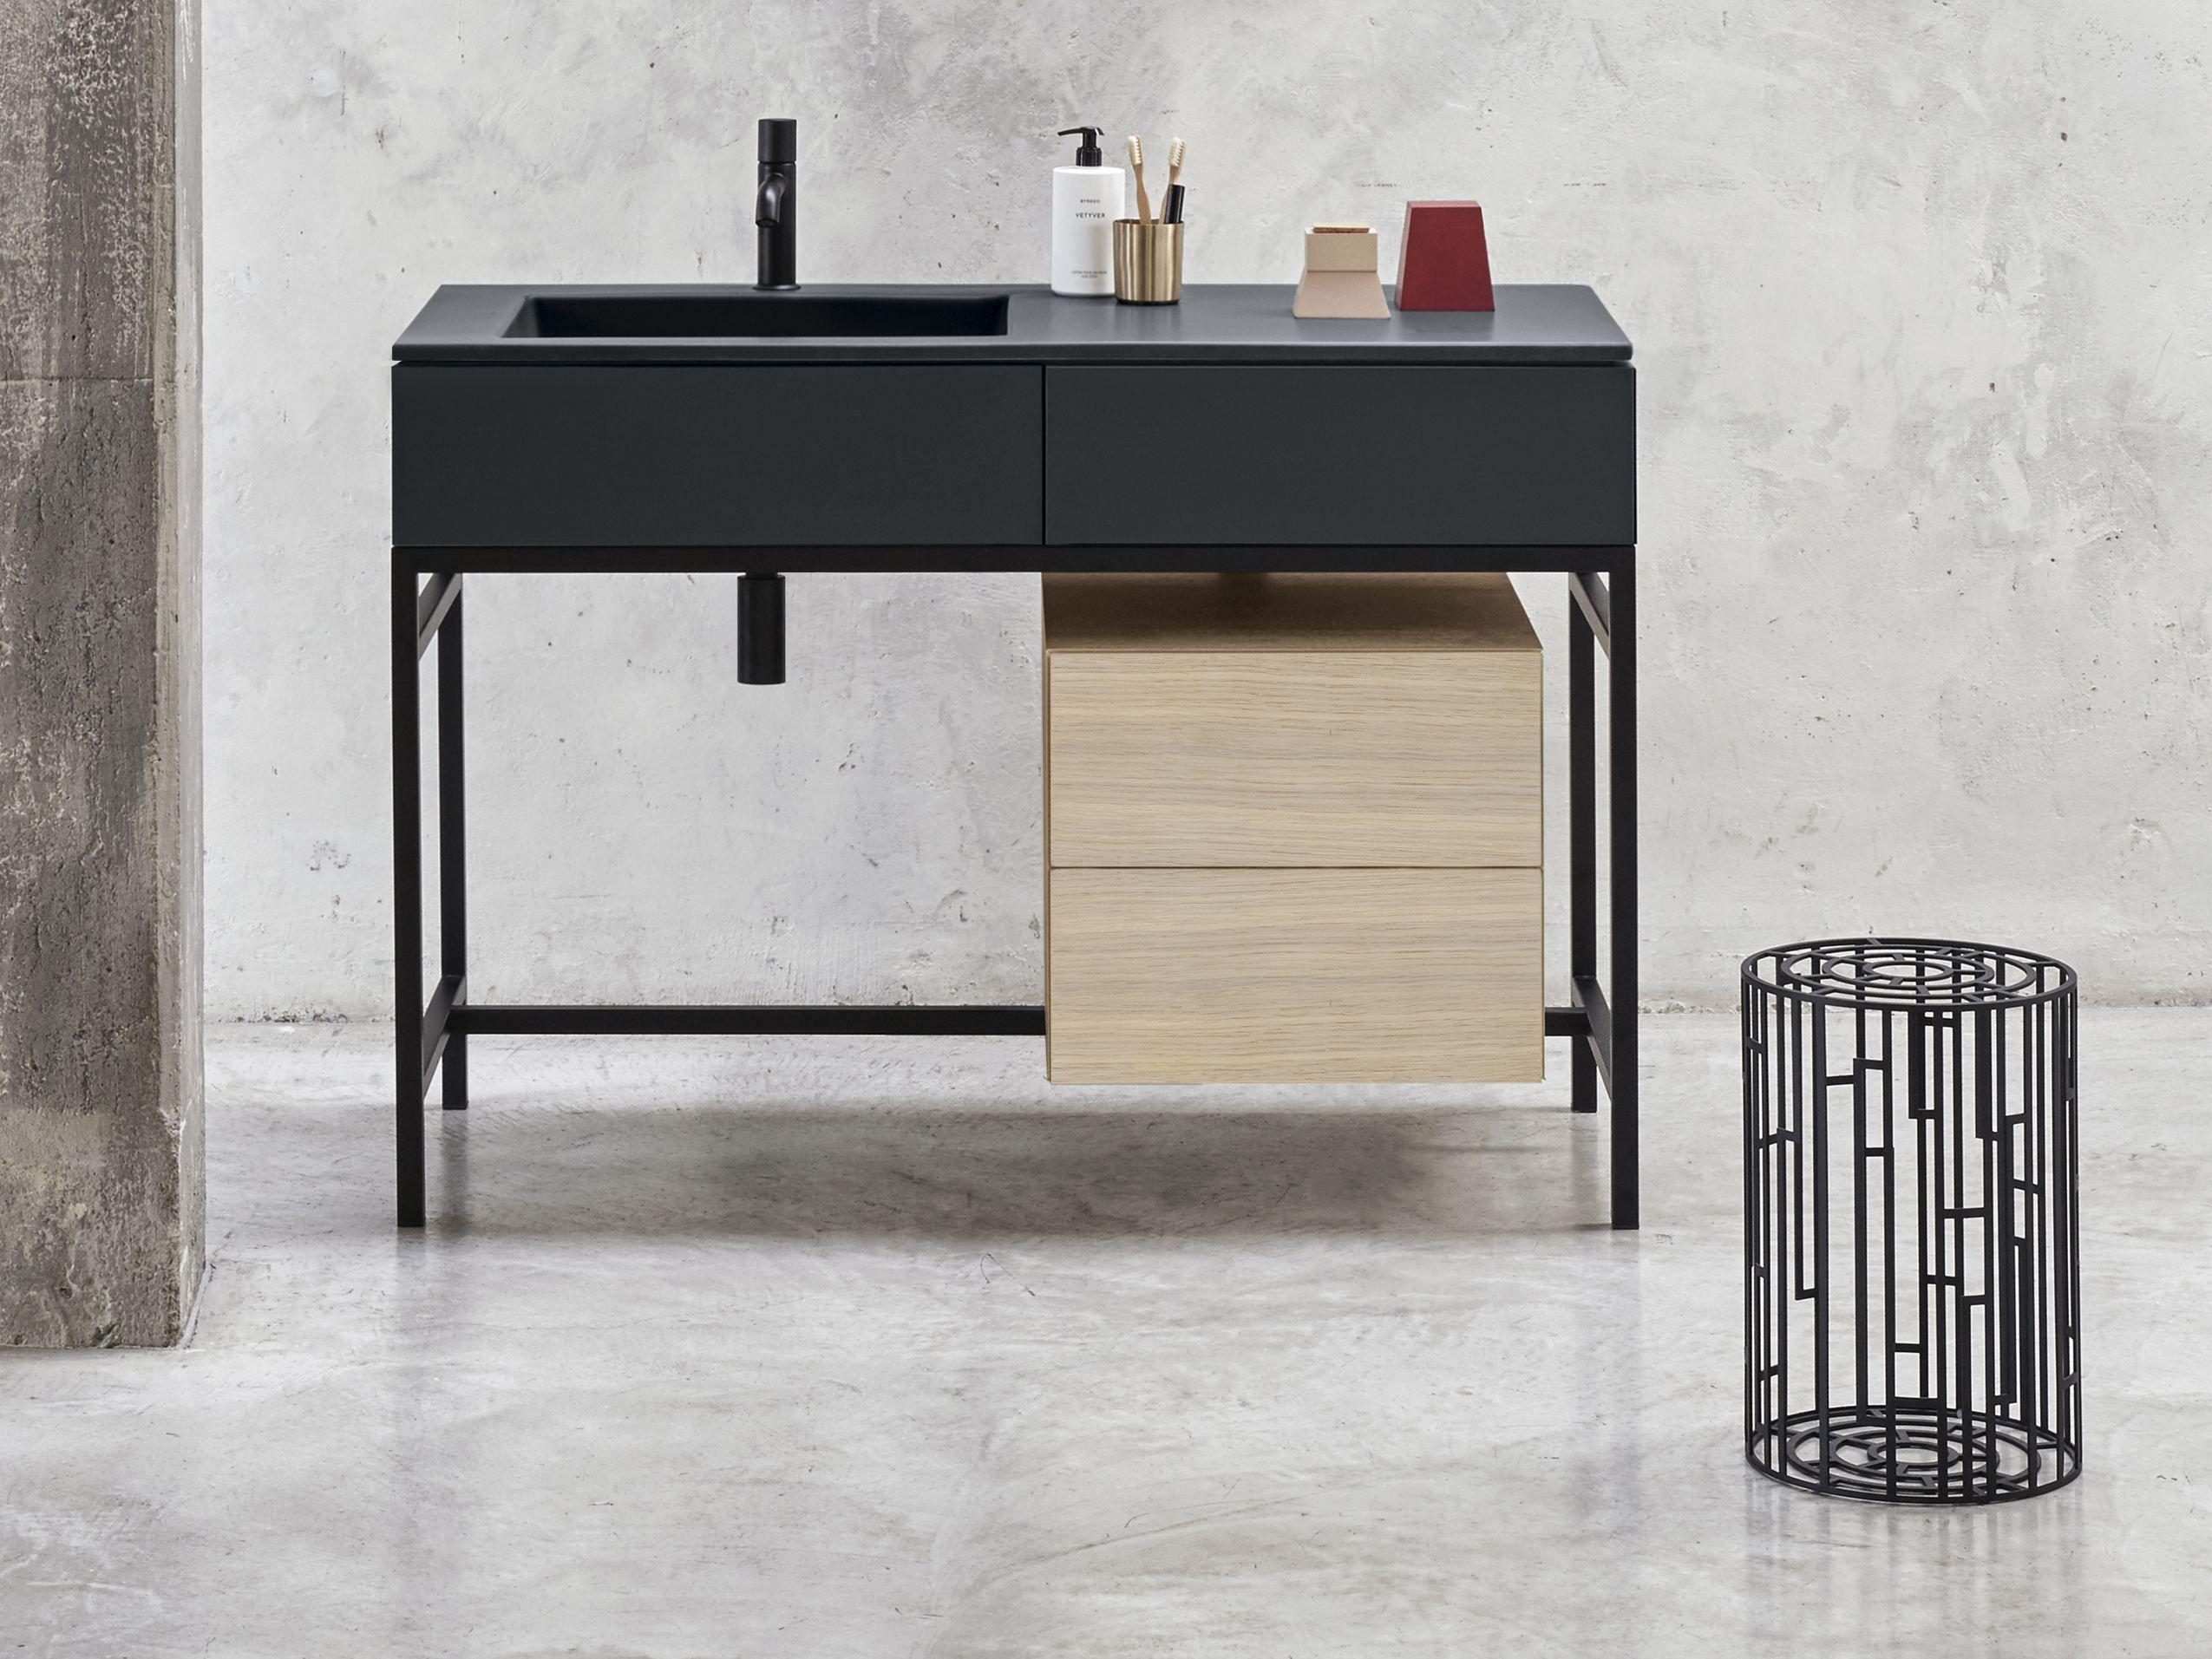 meuble sous bar amazing beau meuble en miroir art deco tabouret de bar style industriel mtal et. Black Bedroom Furniture Sets. Home Design Ideas